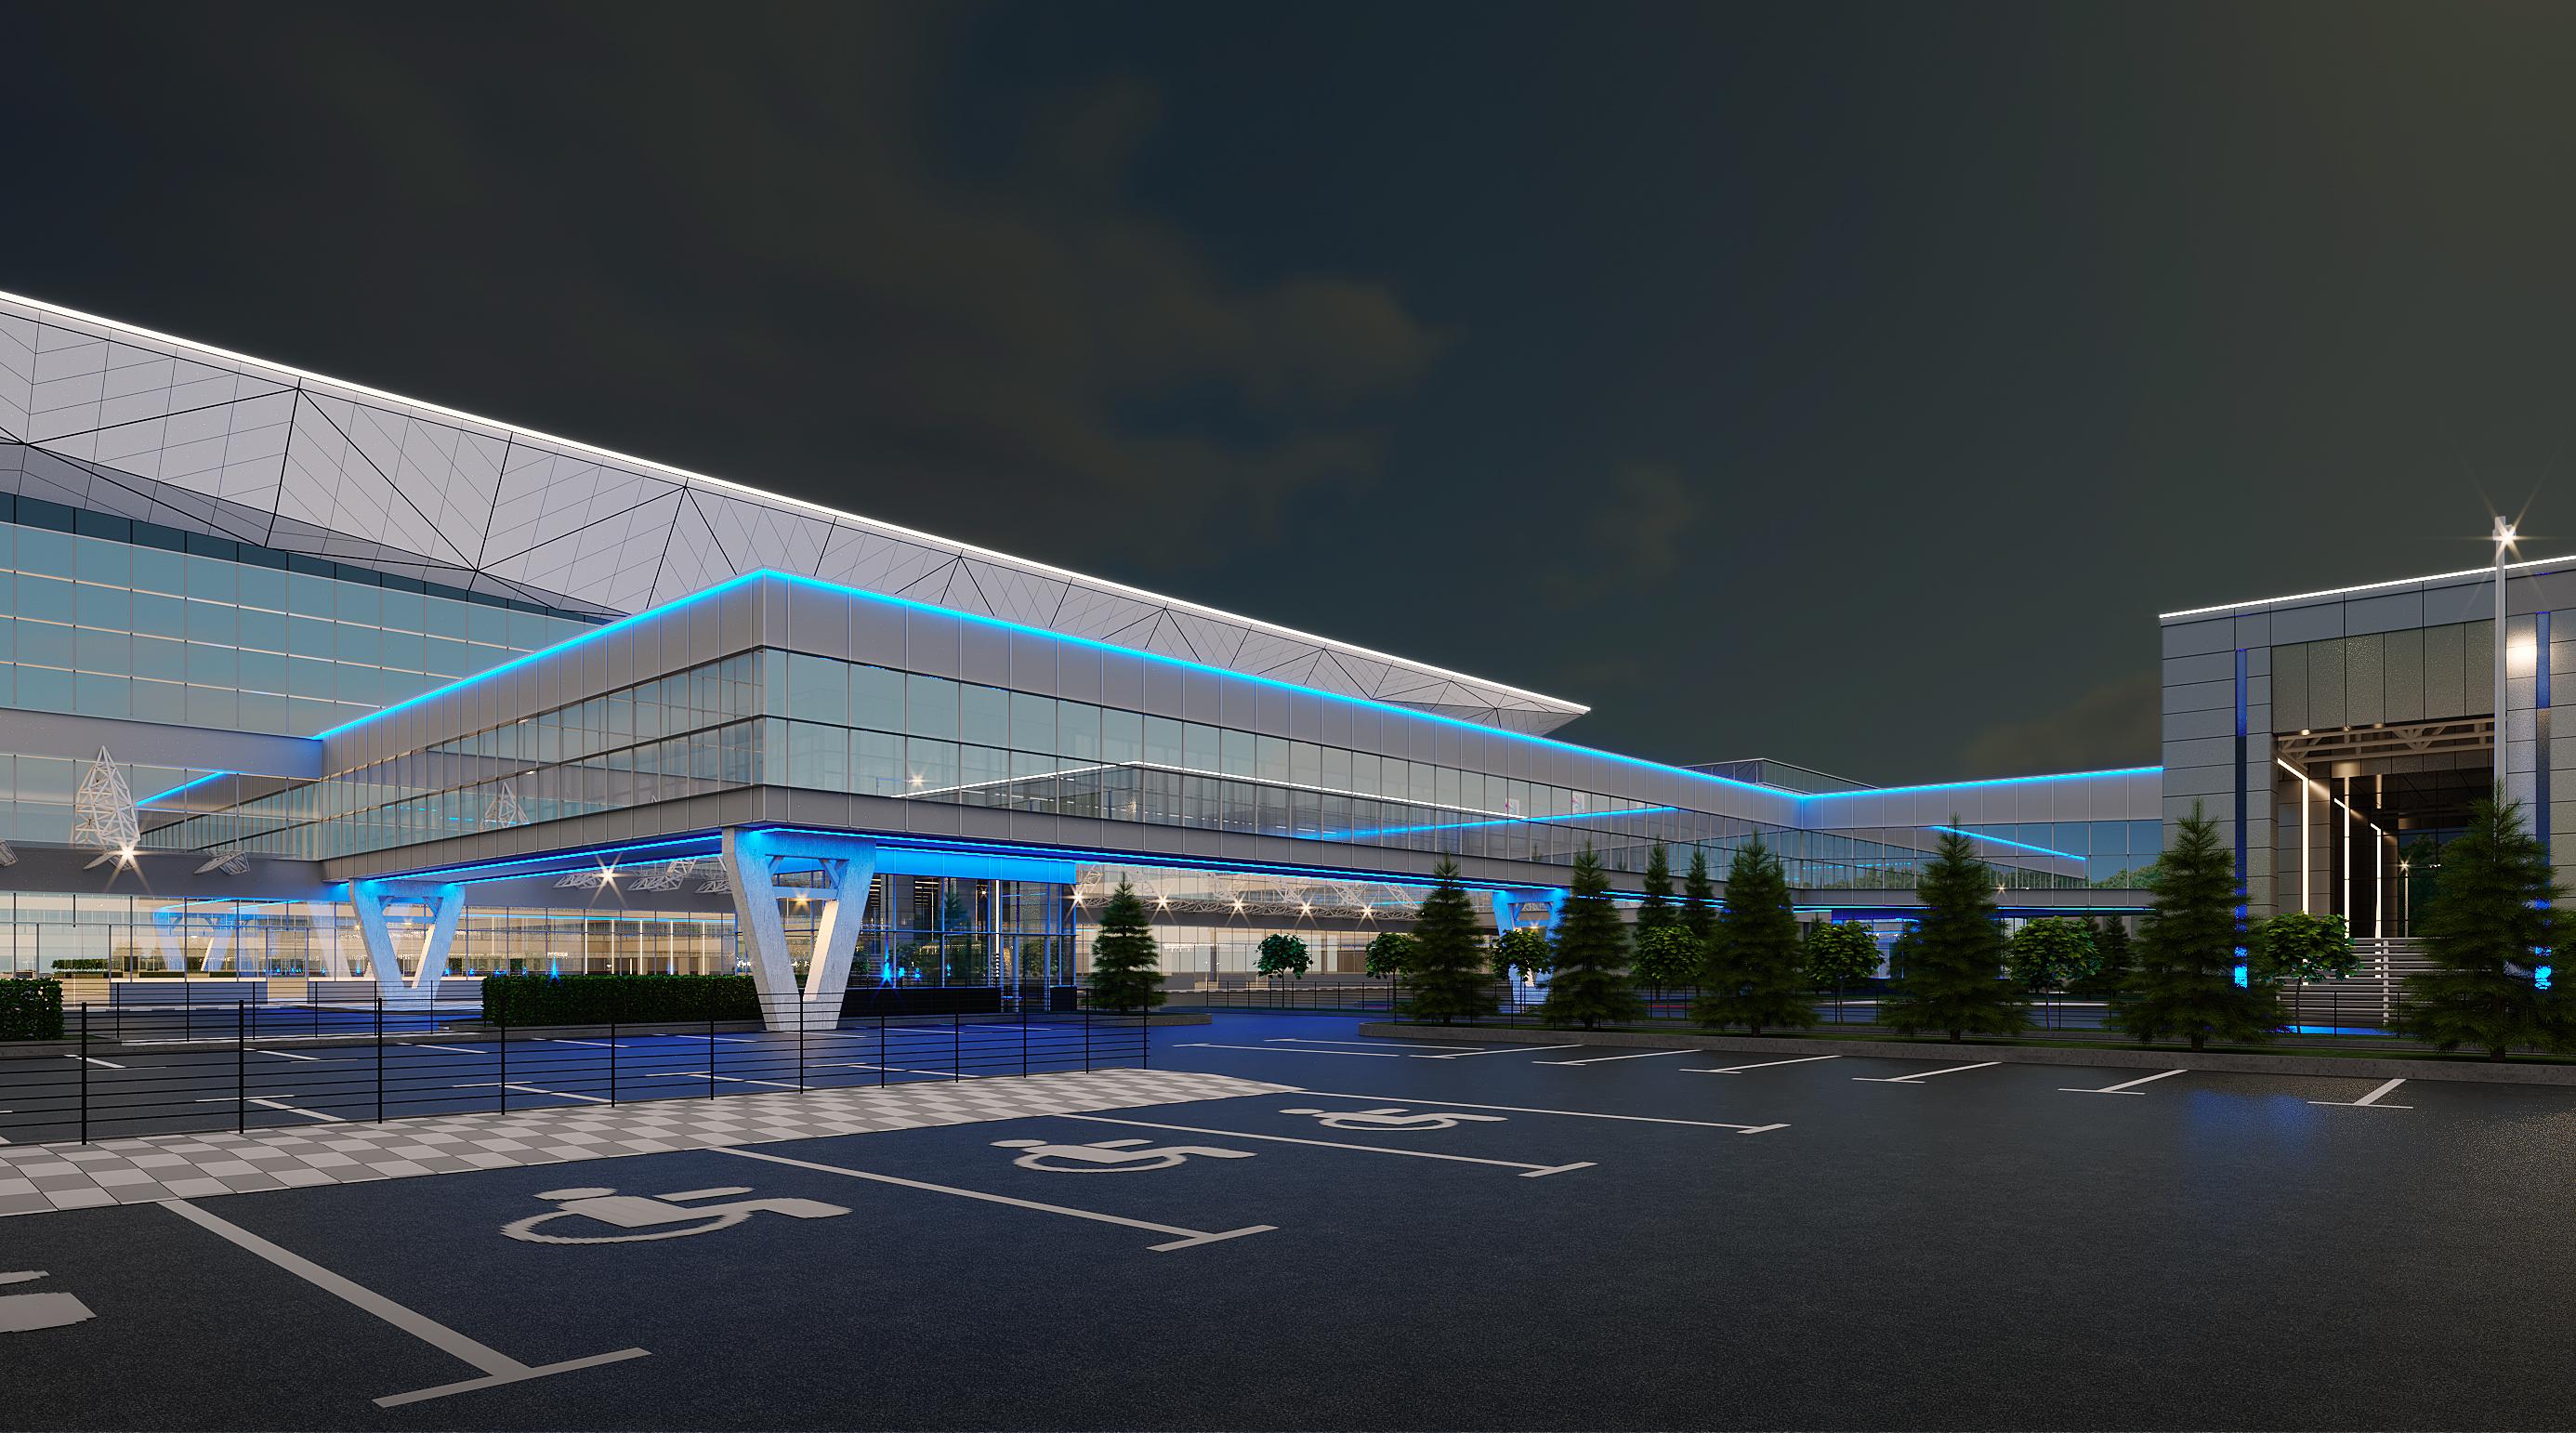 Проект переходной галереи между Терминалом 1 и деловым центром